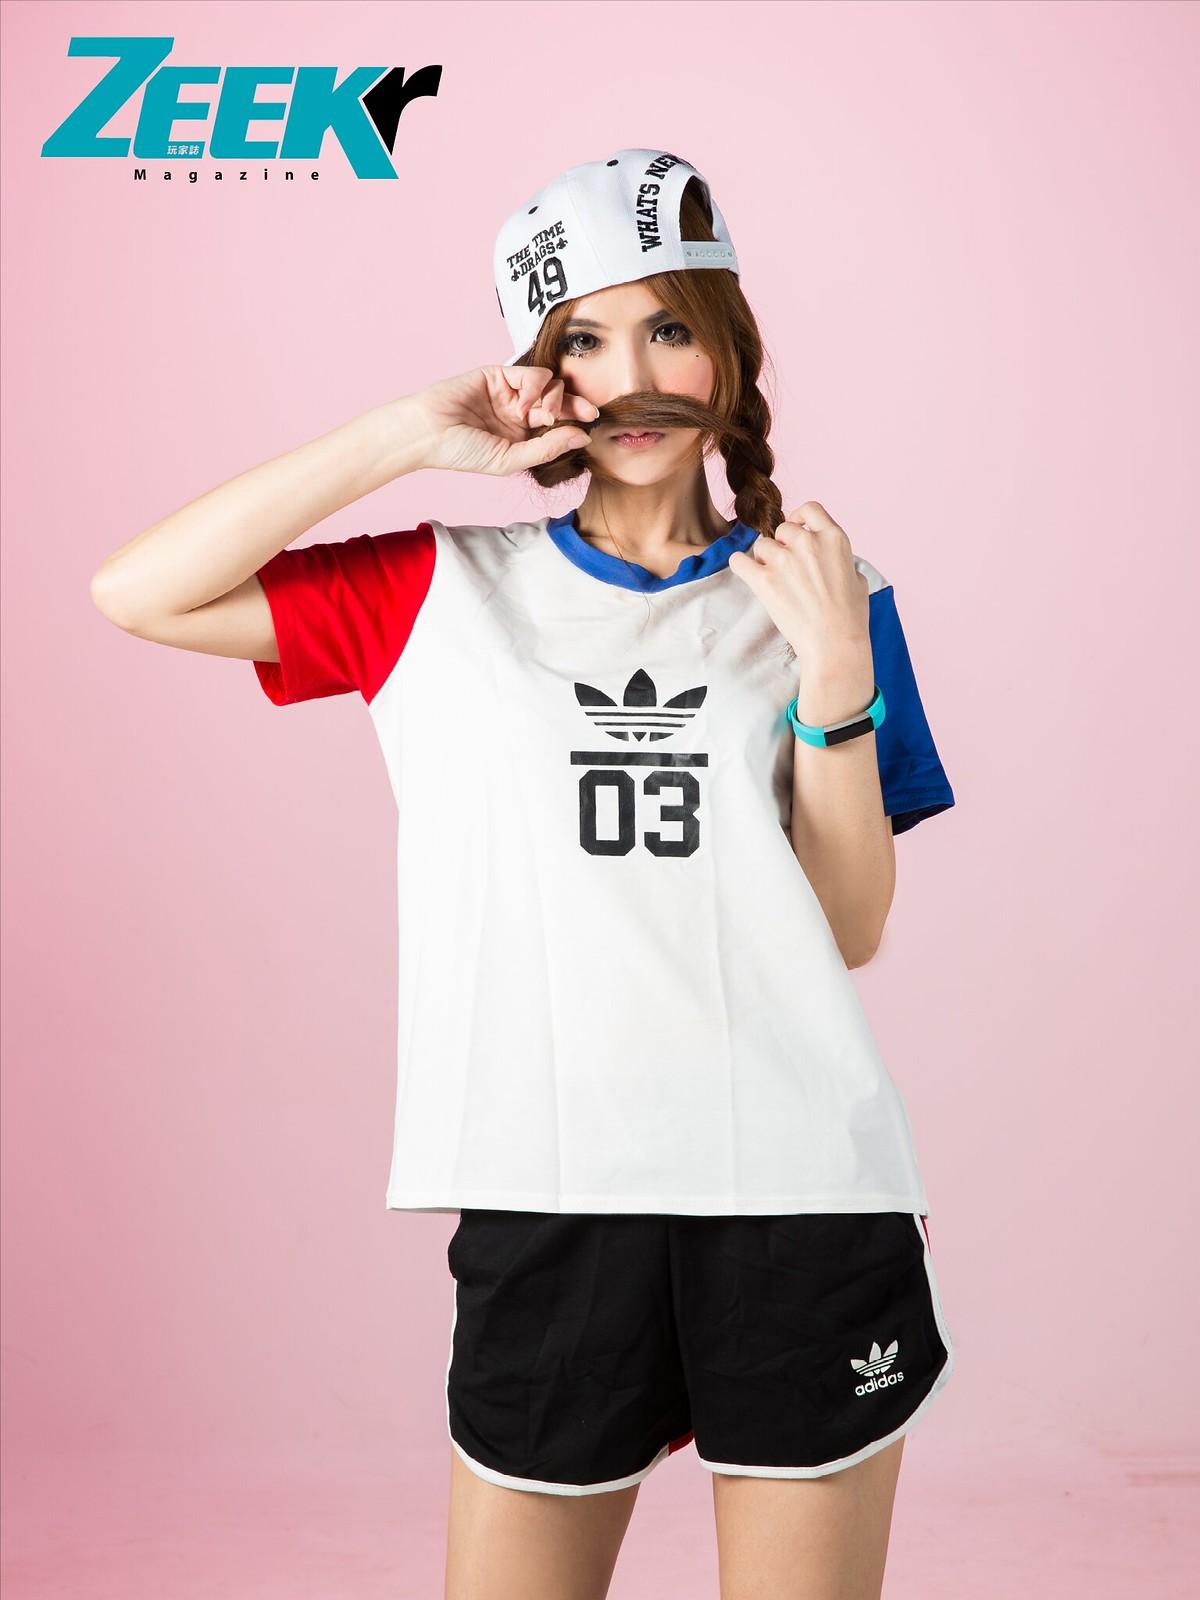 ZEEK Girl5 (1)